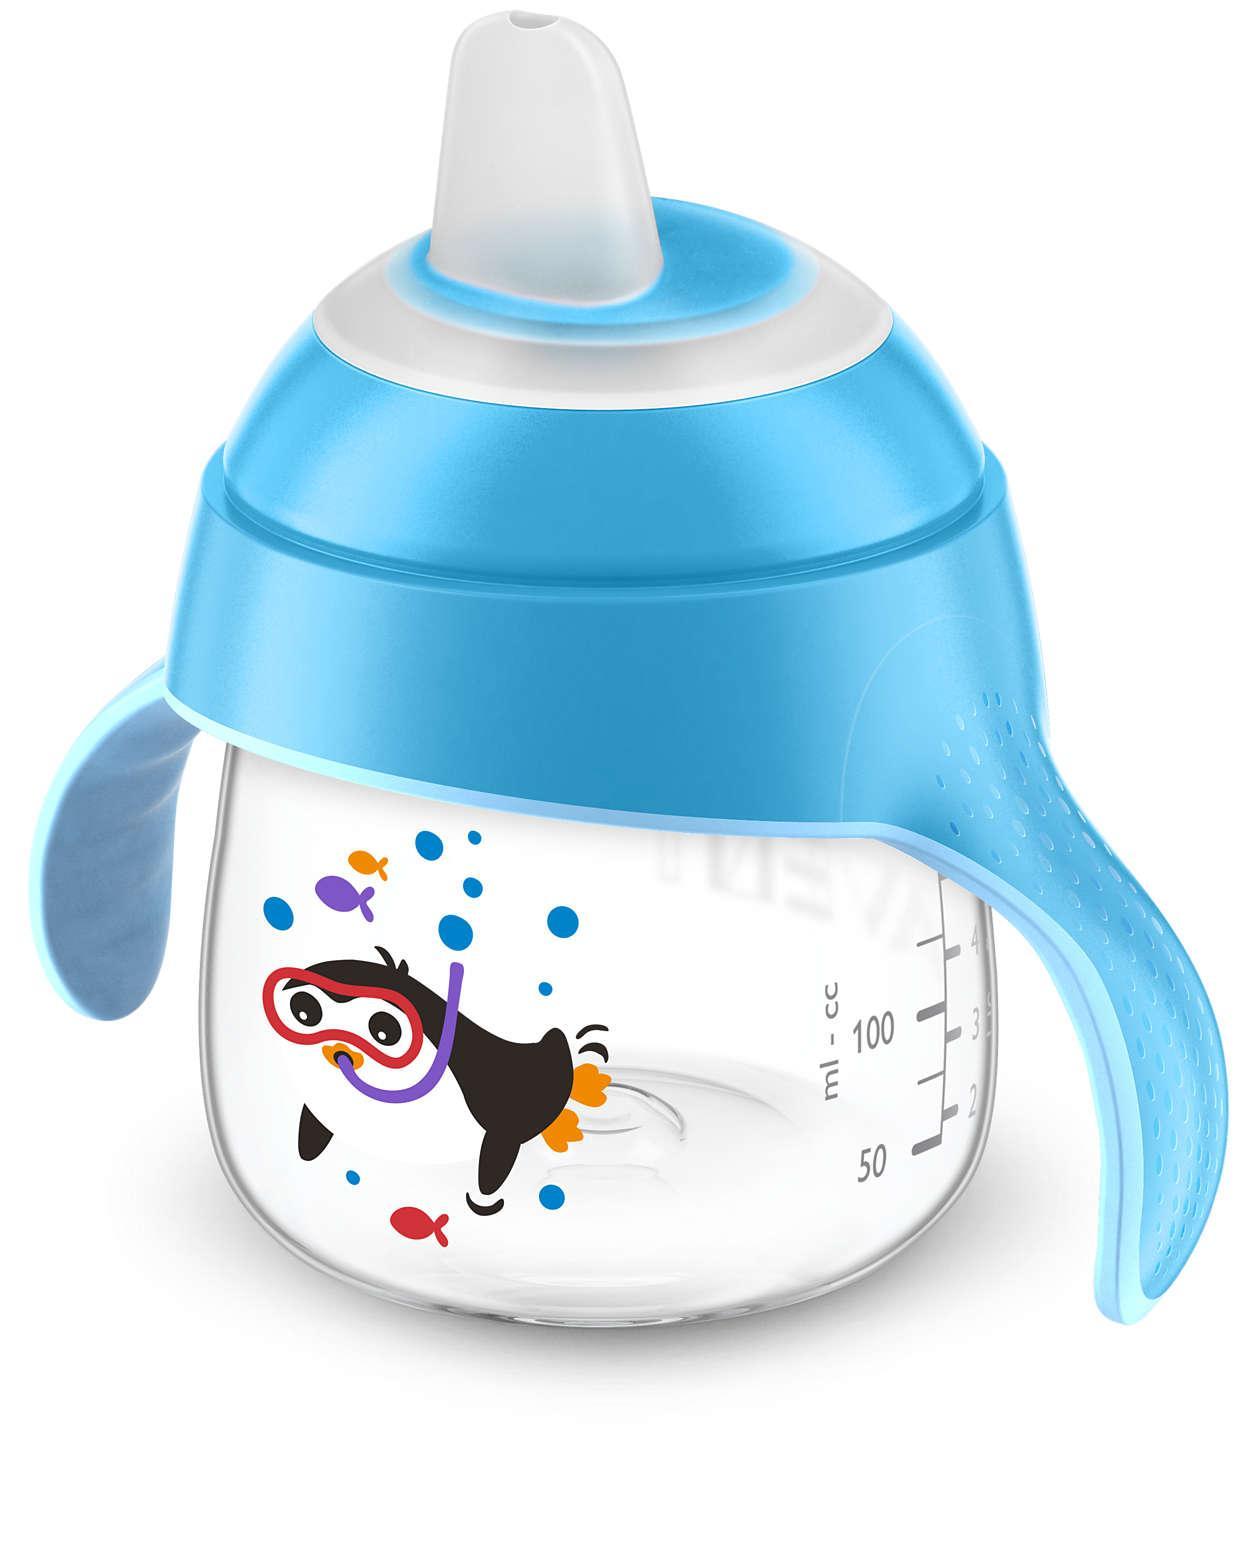 Bình AVENT tập bé uống nước - hàng xách tay ÚC